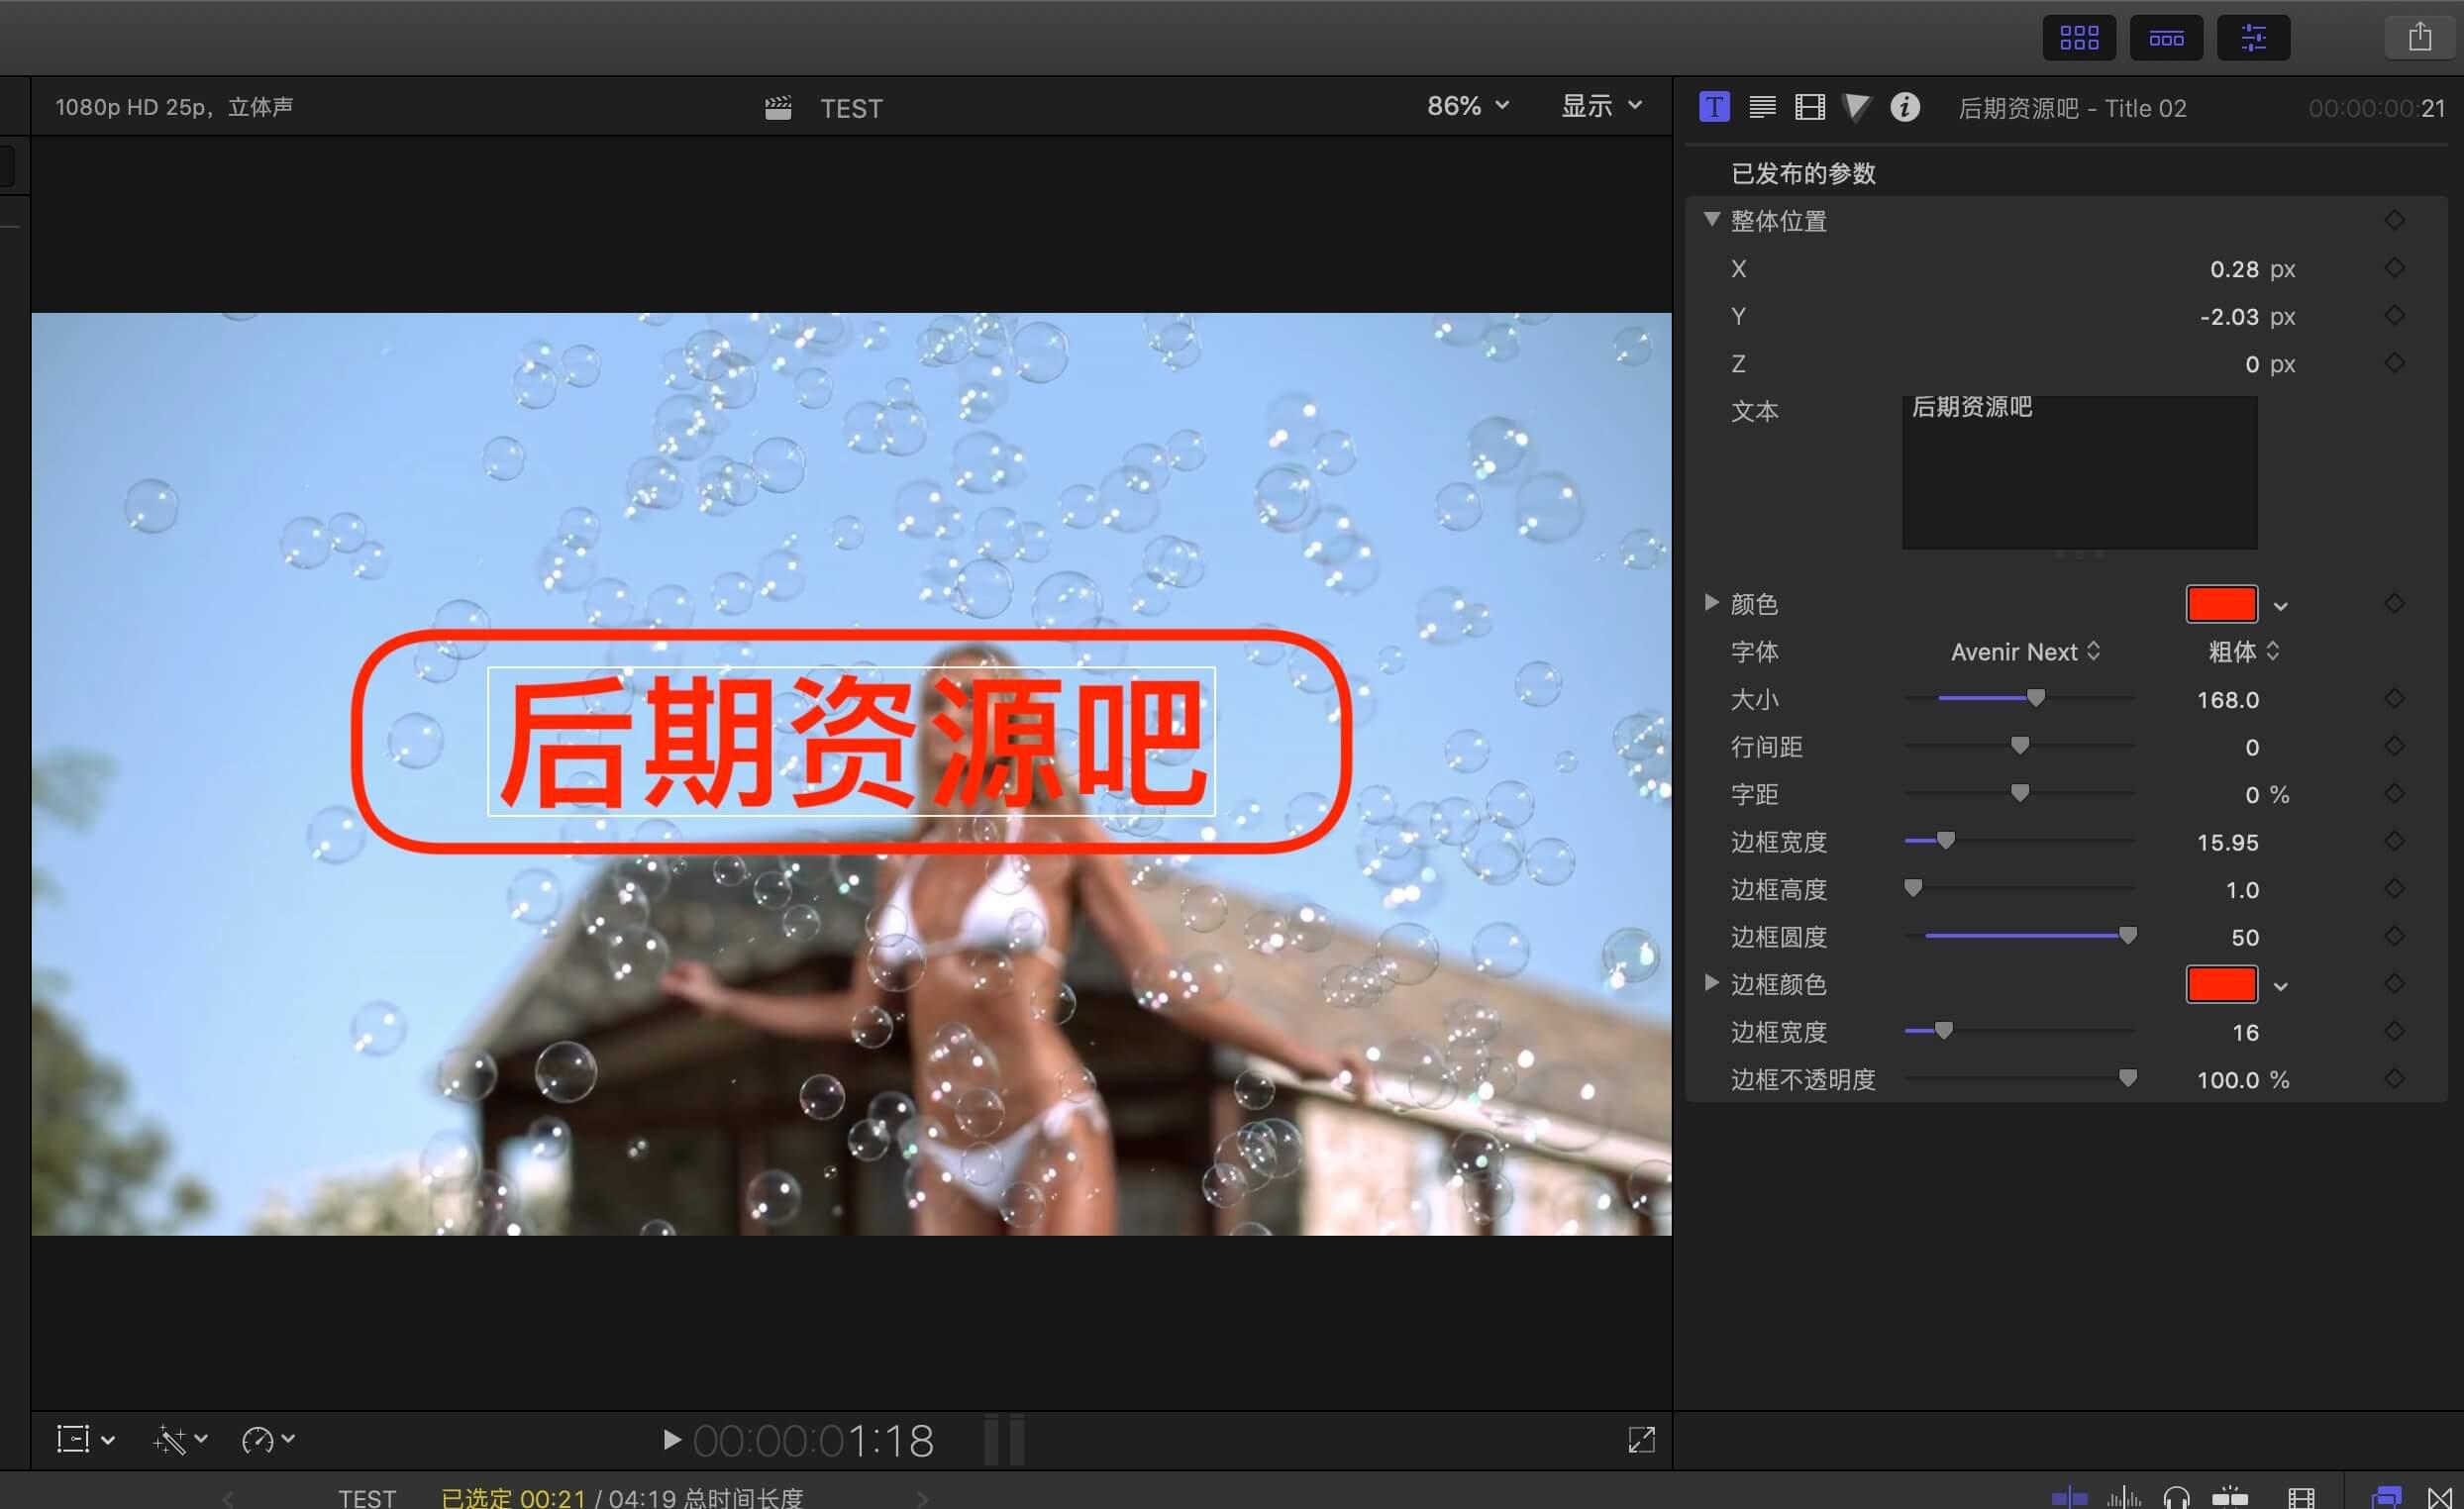 Fcpx标题预设 文字字幕标题自动添加背景下划线边框预设